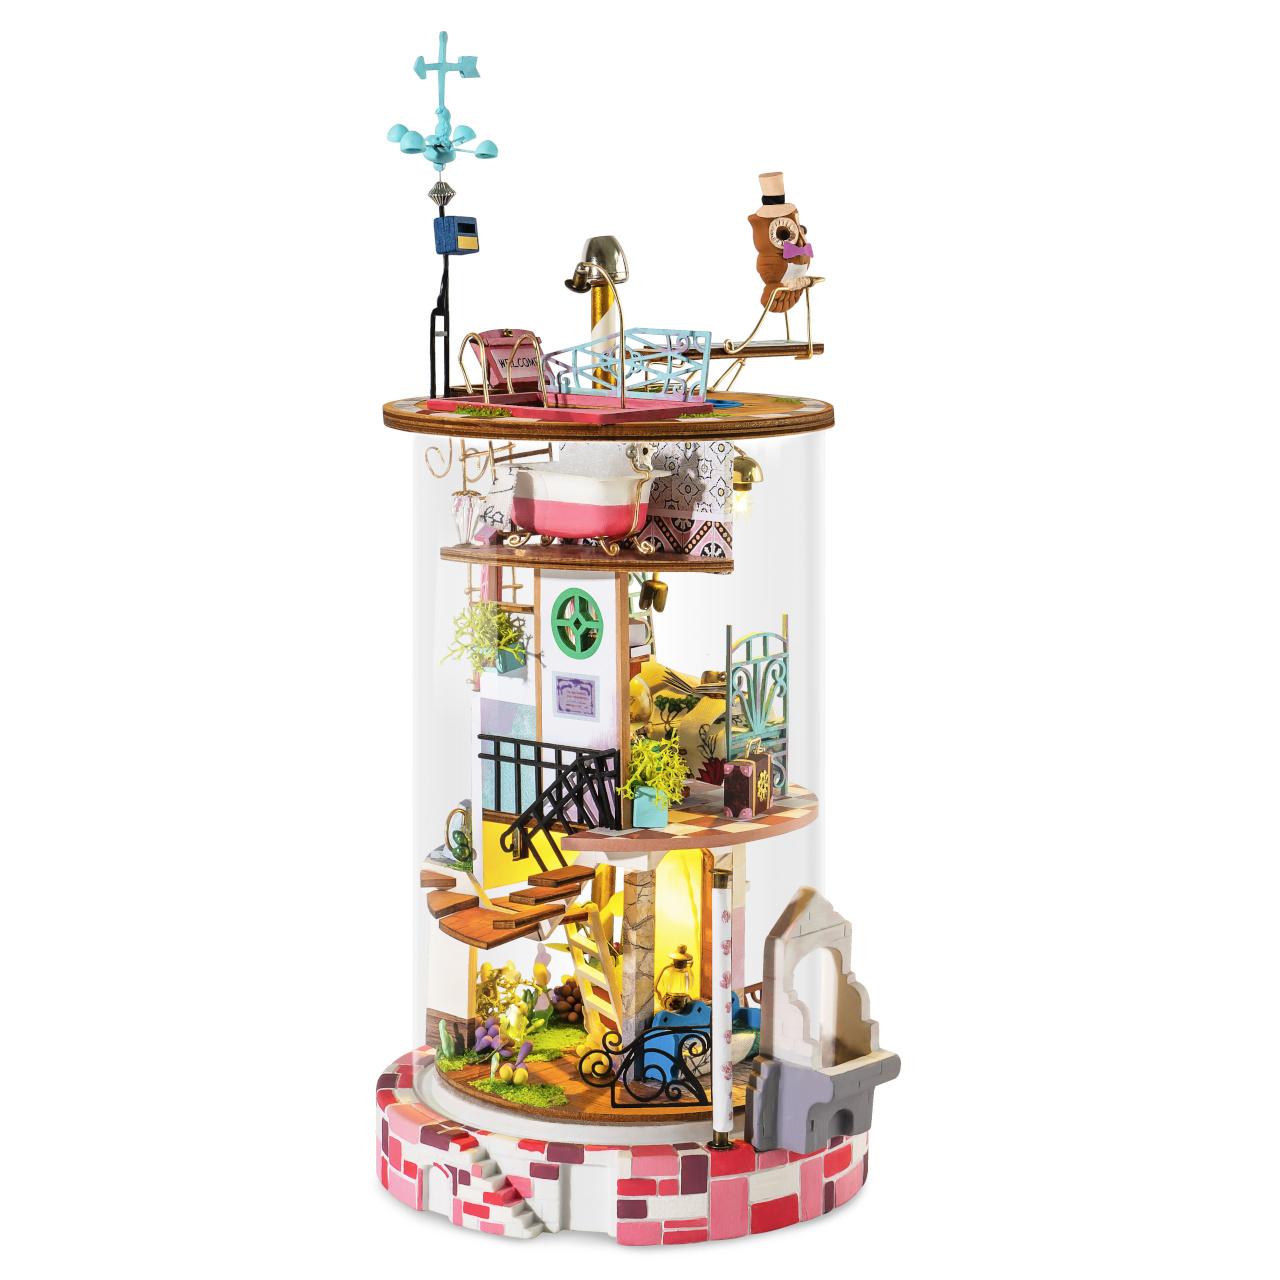 RoboTime miniatura domečku Skleněný domek malé čarodějky